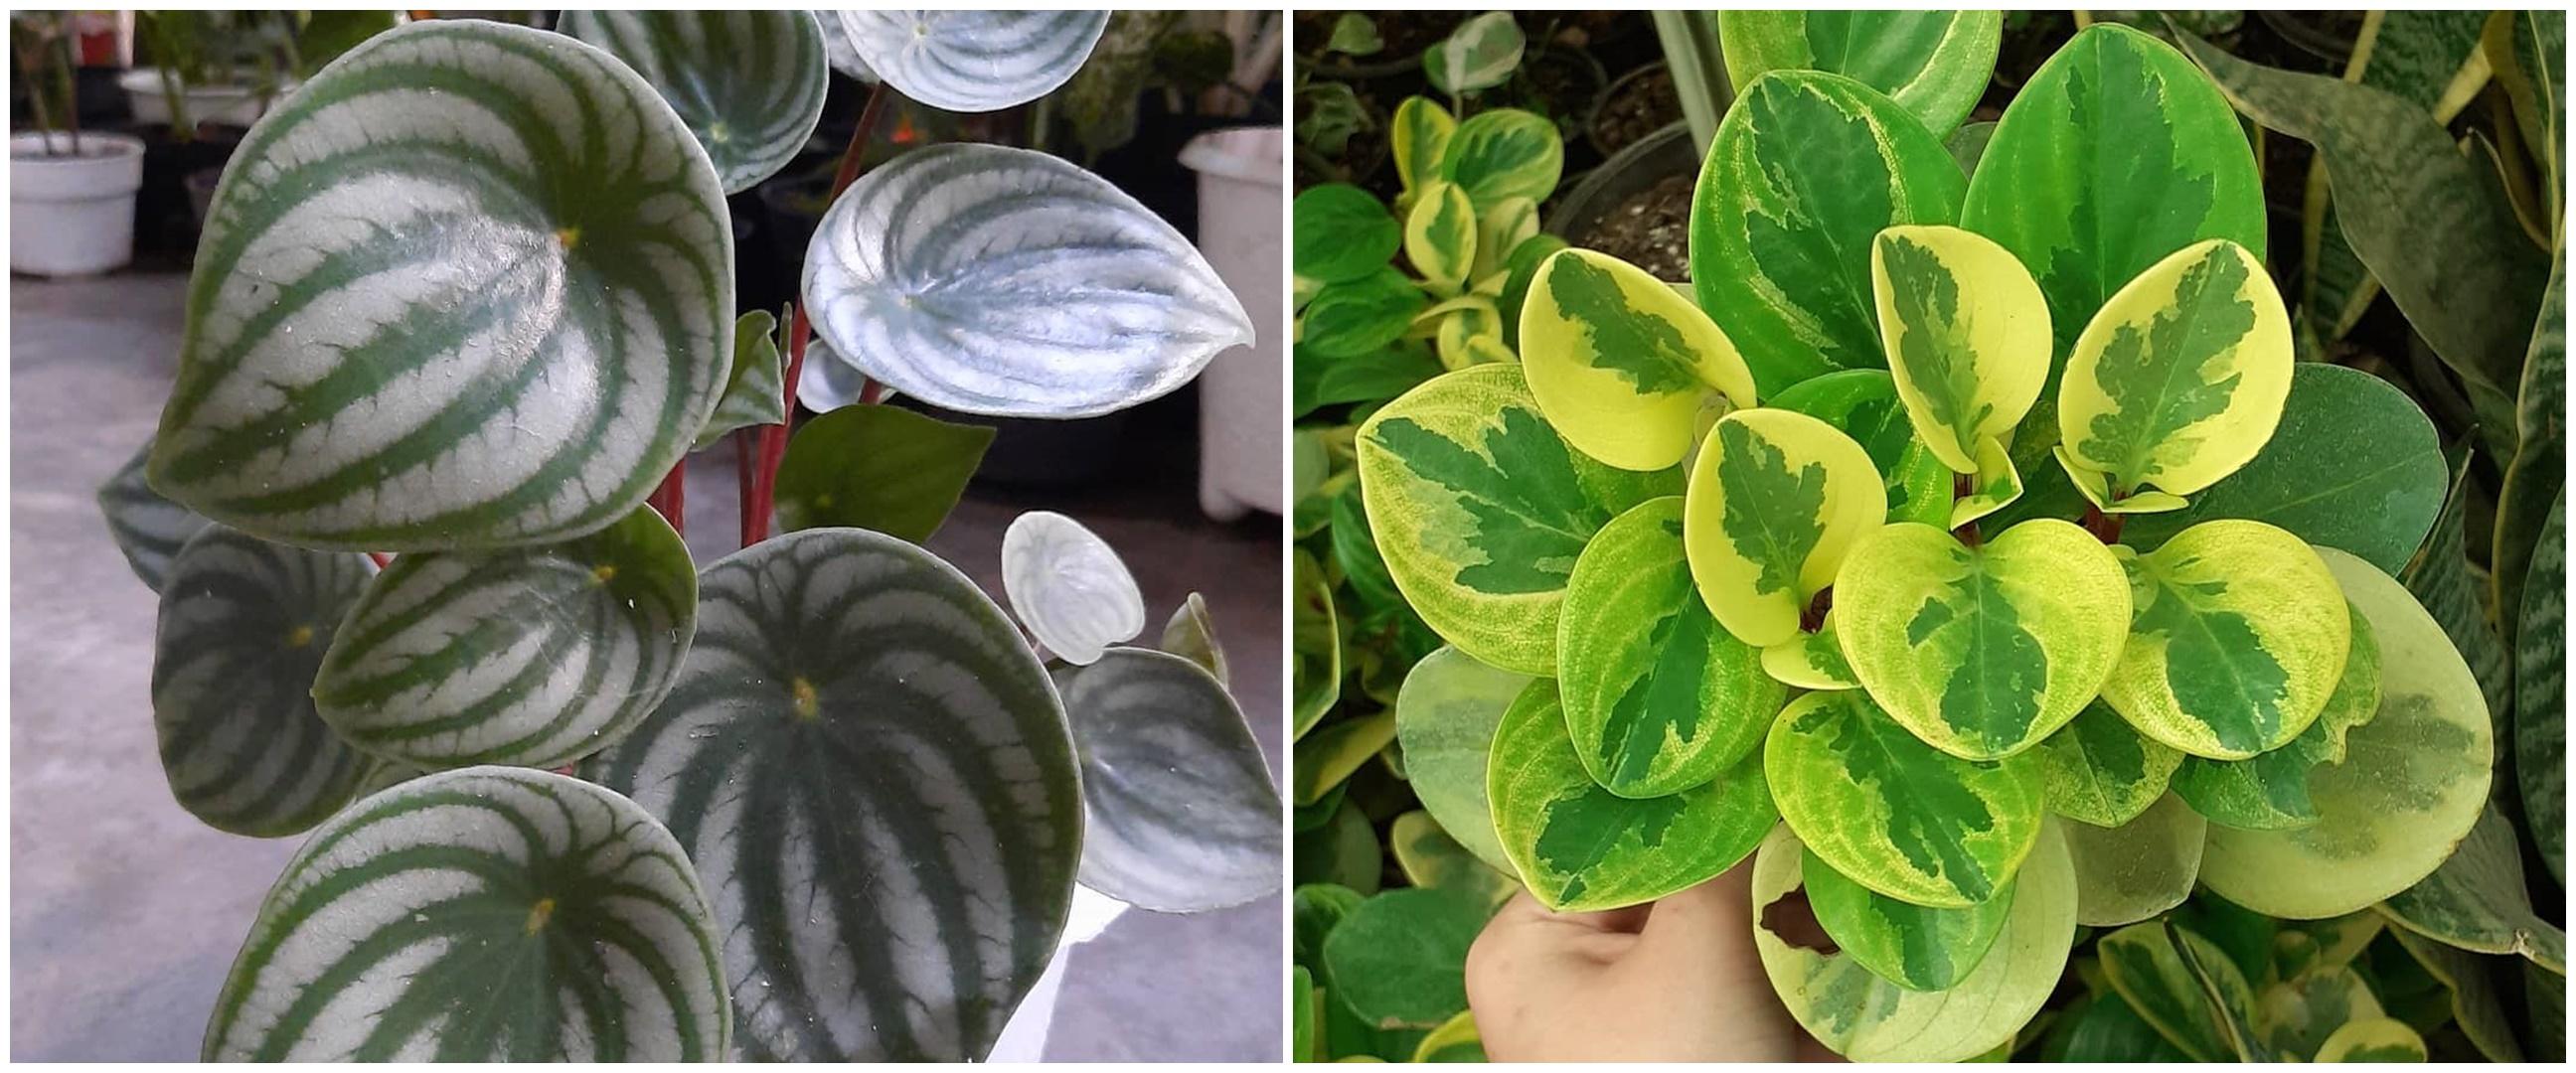 10 Tanaman hias daun semangka Peperomia, cantik dan mudah dirawat